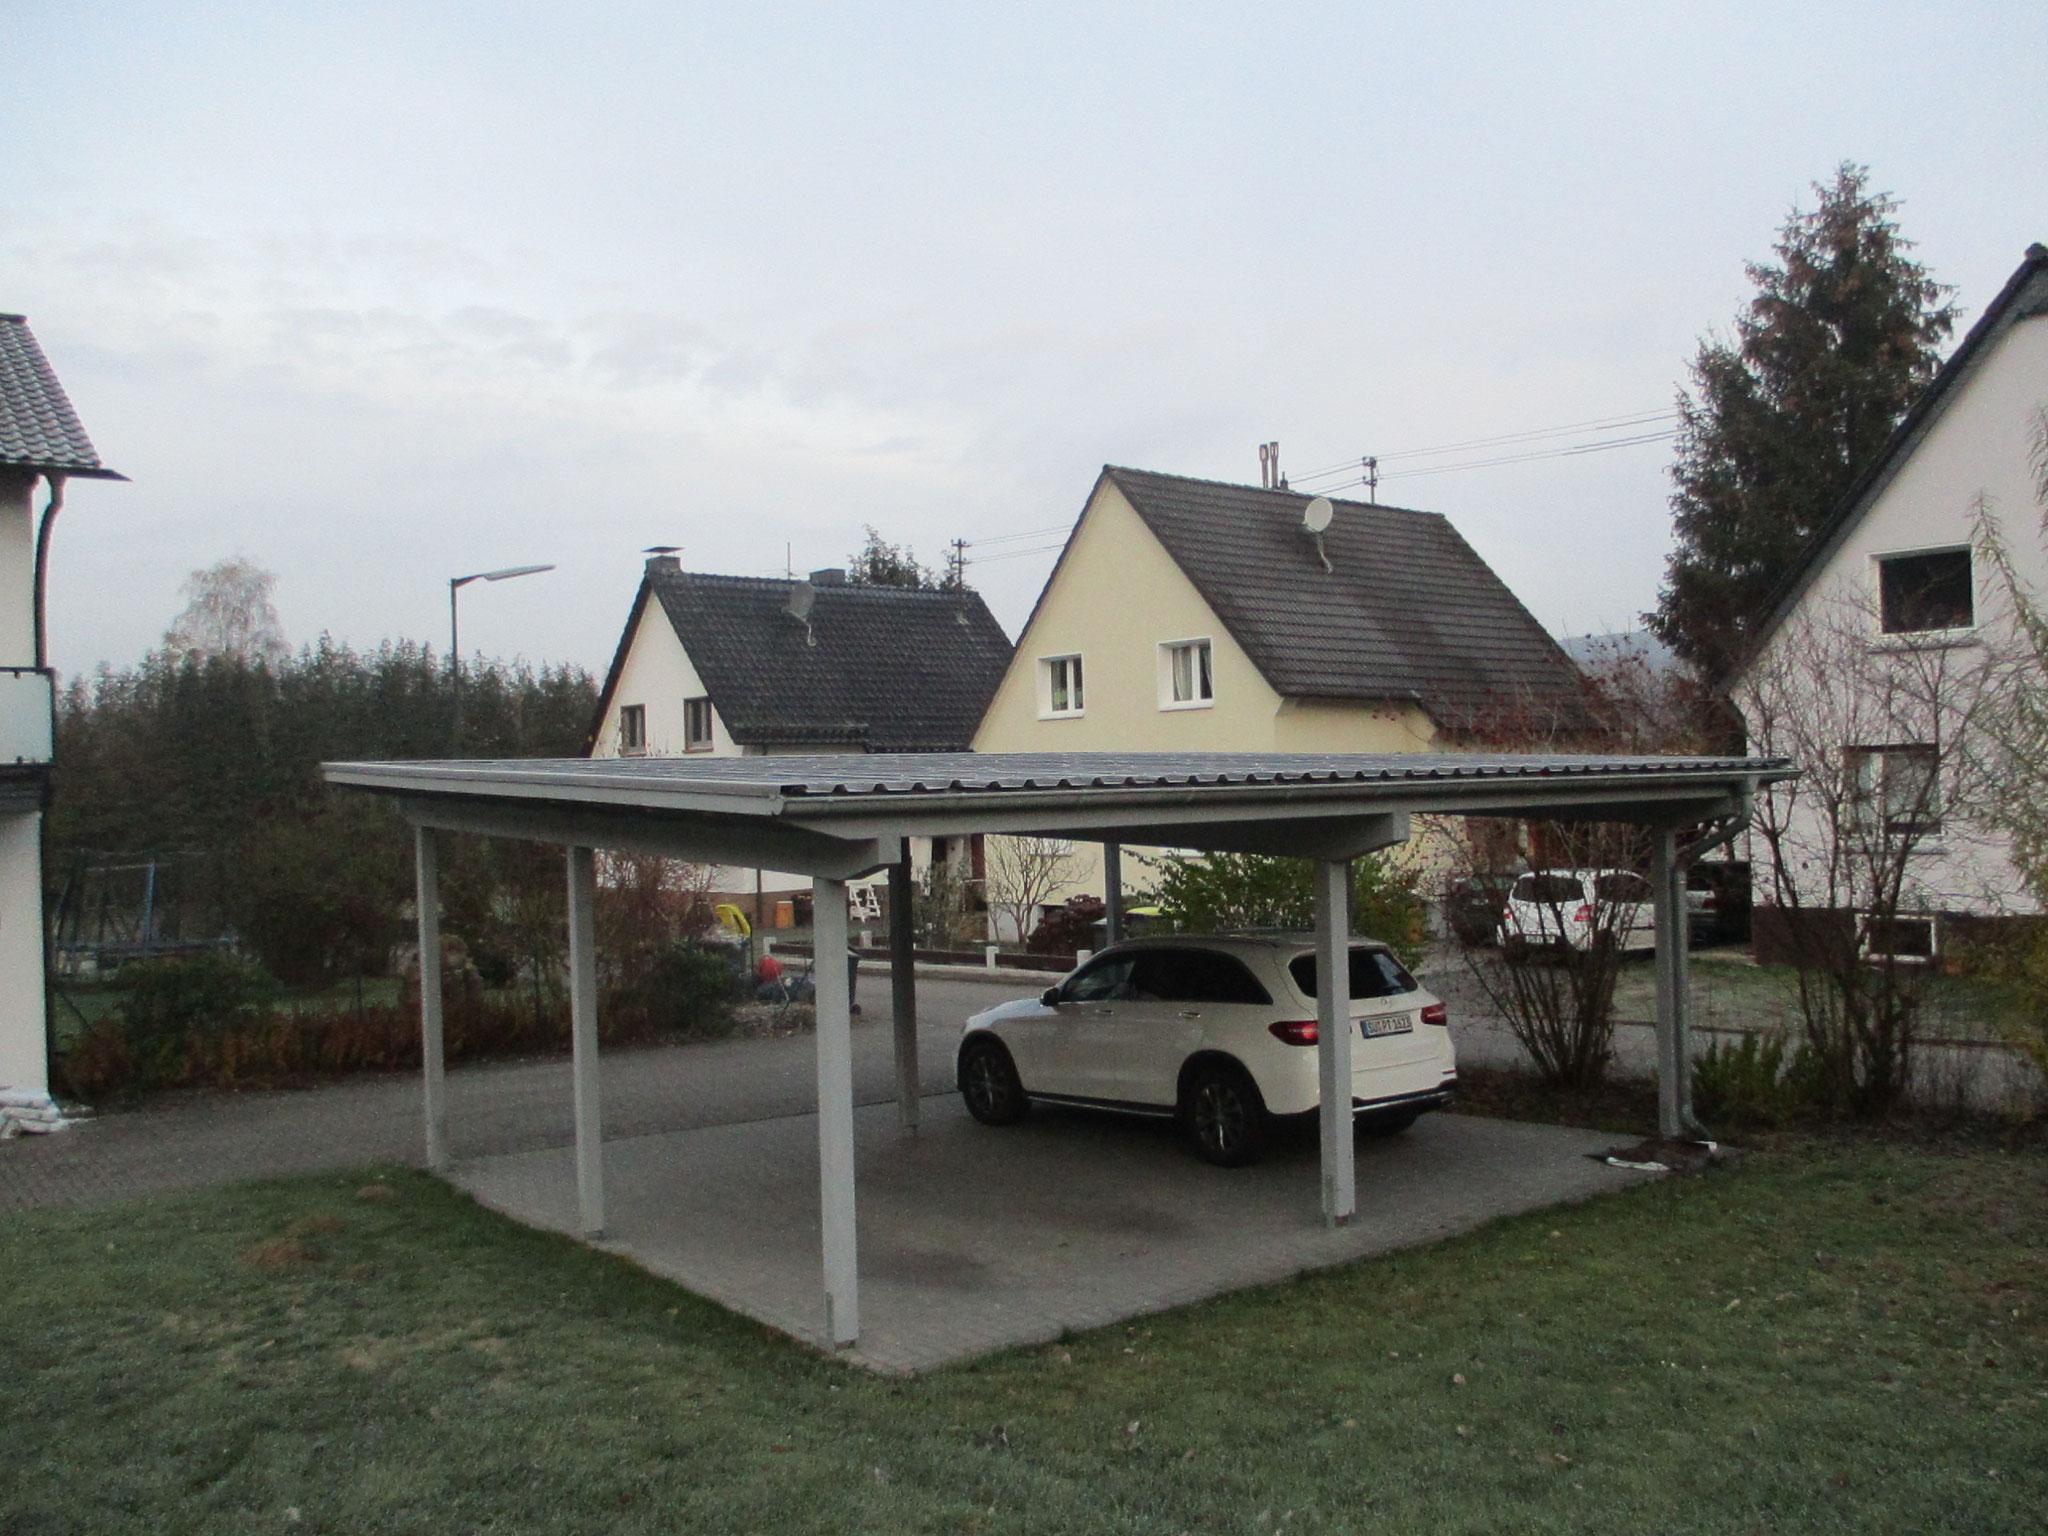 Doppelcarport in Dattenfeld